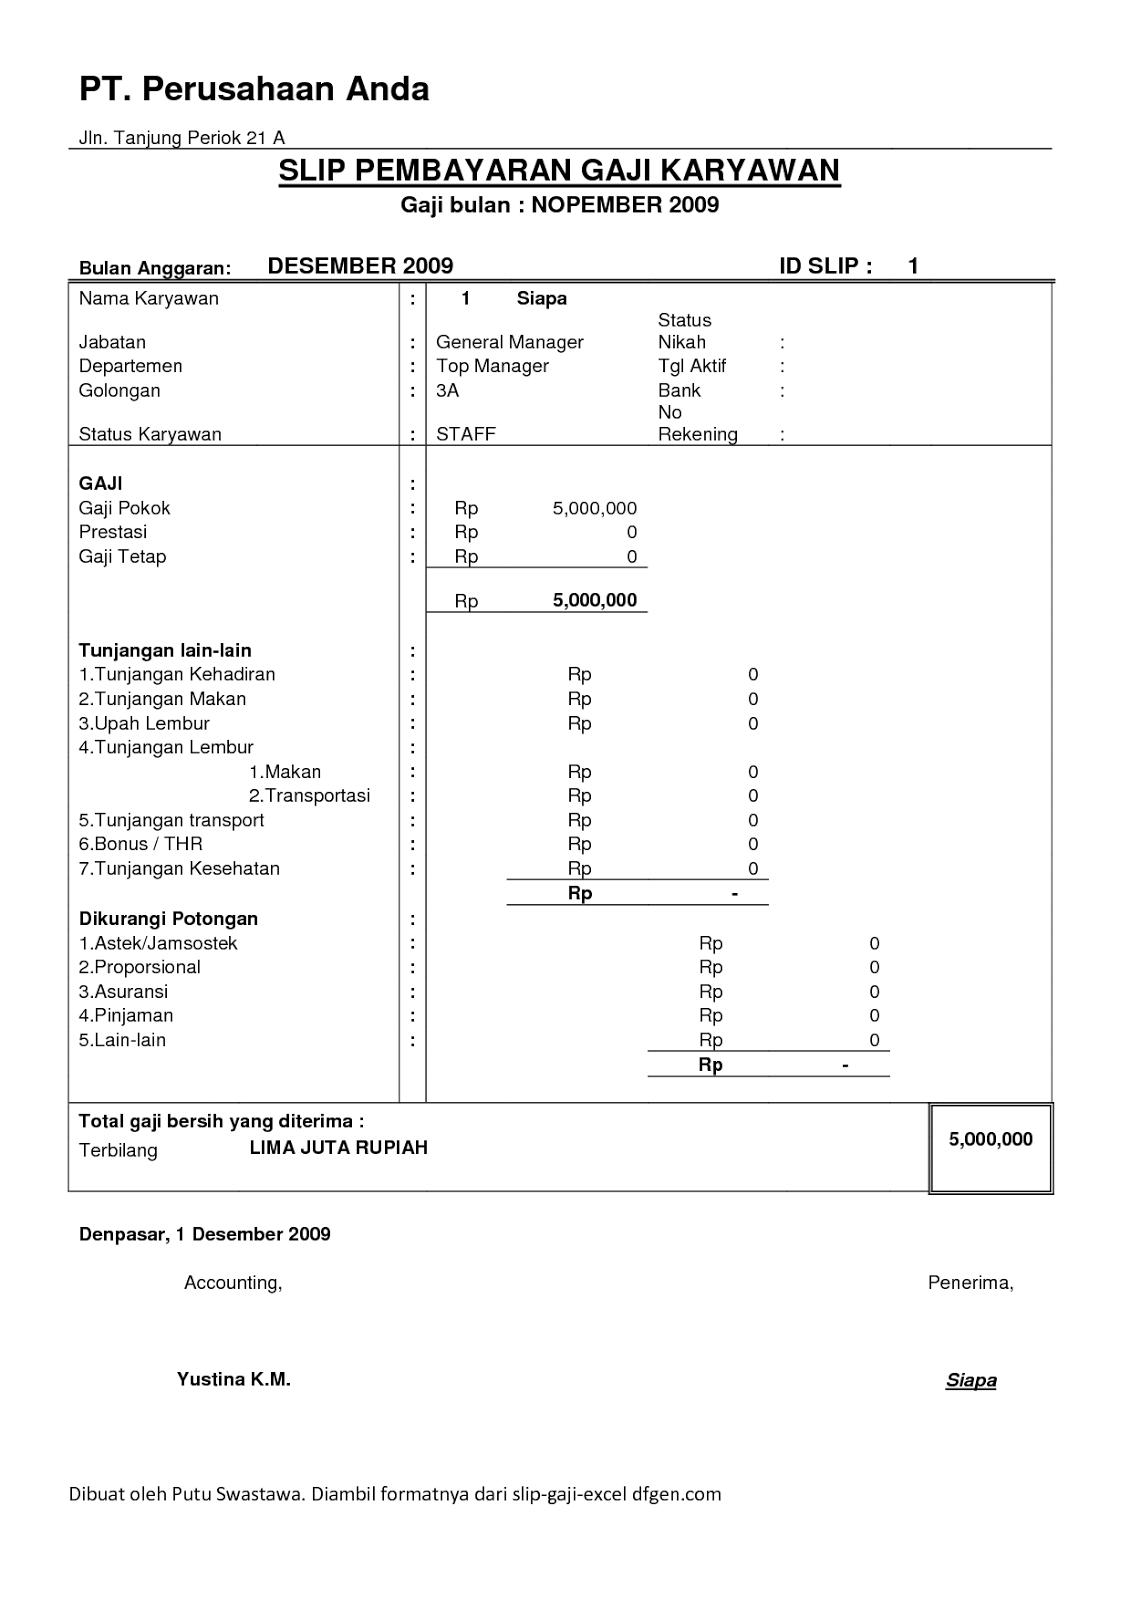 contoh slip gaji yang lengkap contoh now